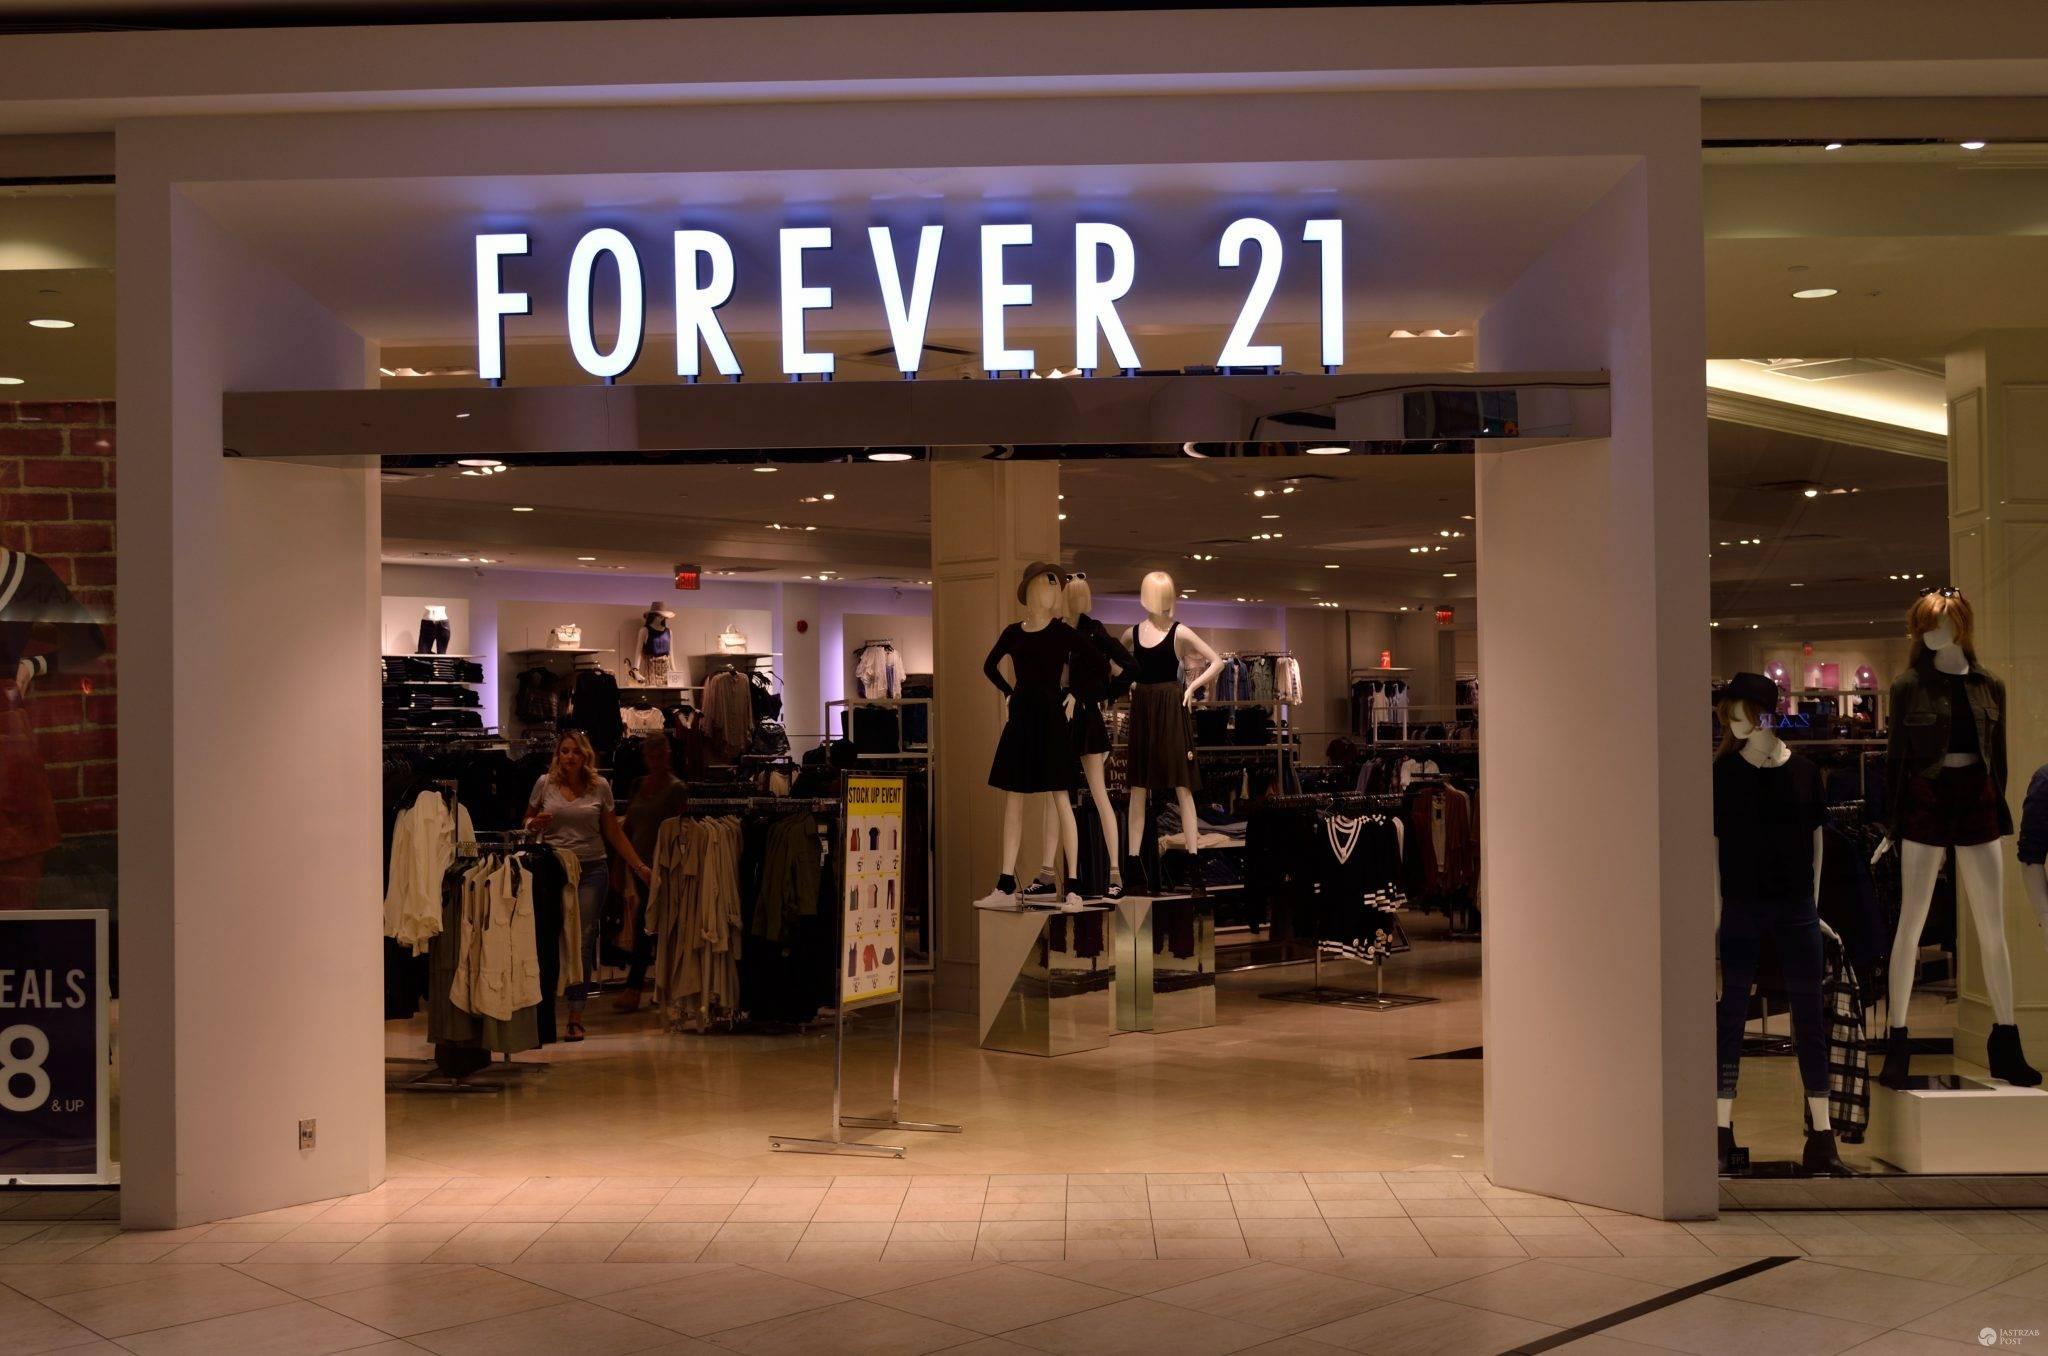 Sklepy Forever 21 w Polsce jakie miasta